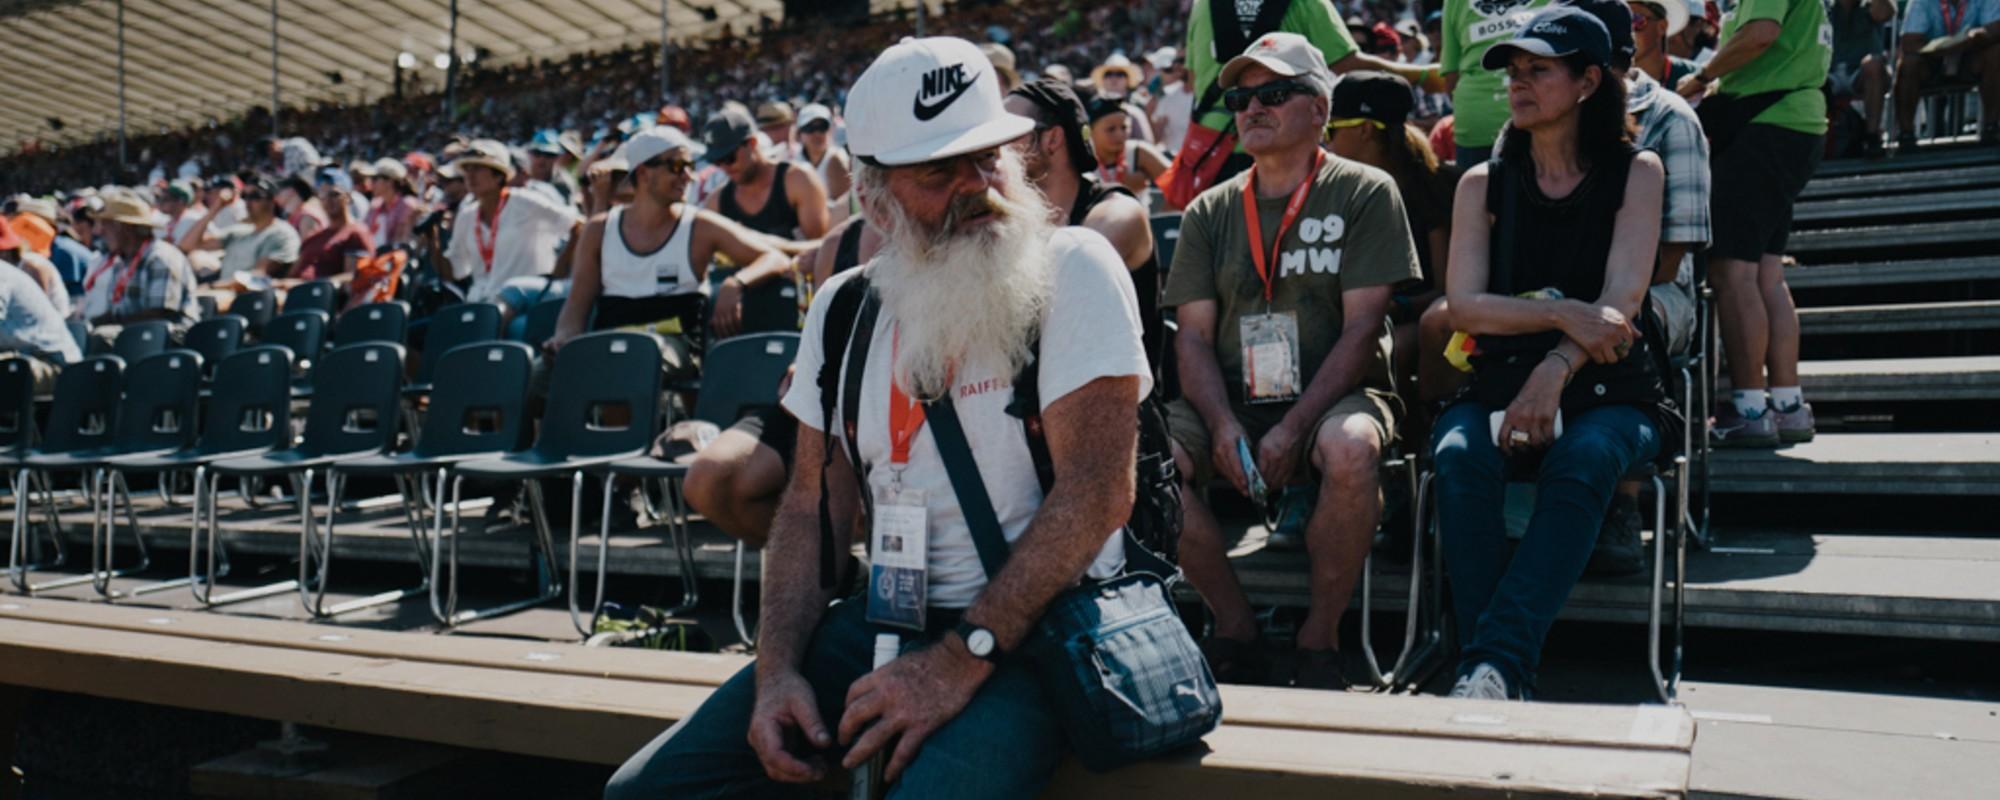 Bier und Schweiss: Fotos von Menschen, die sich das Eidgenössische Schwingfest geben